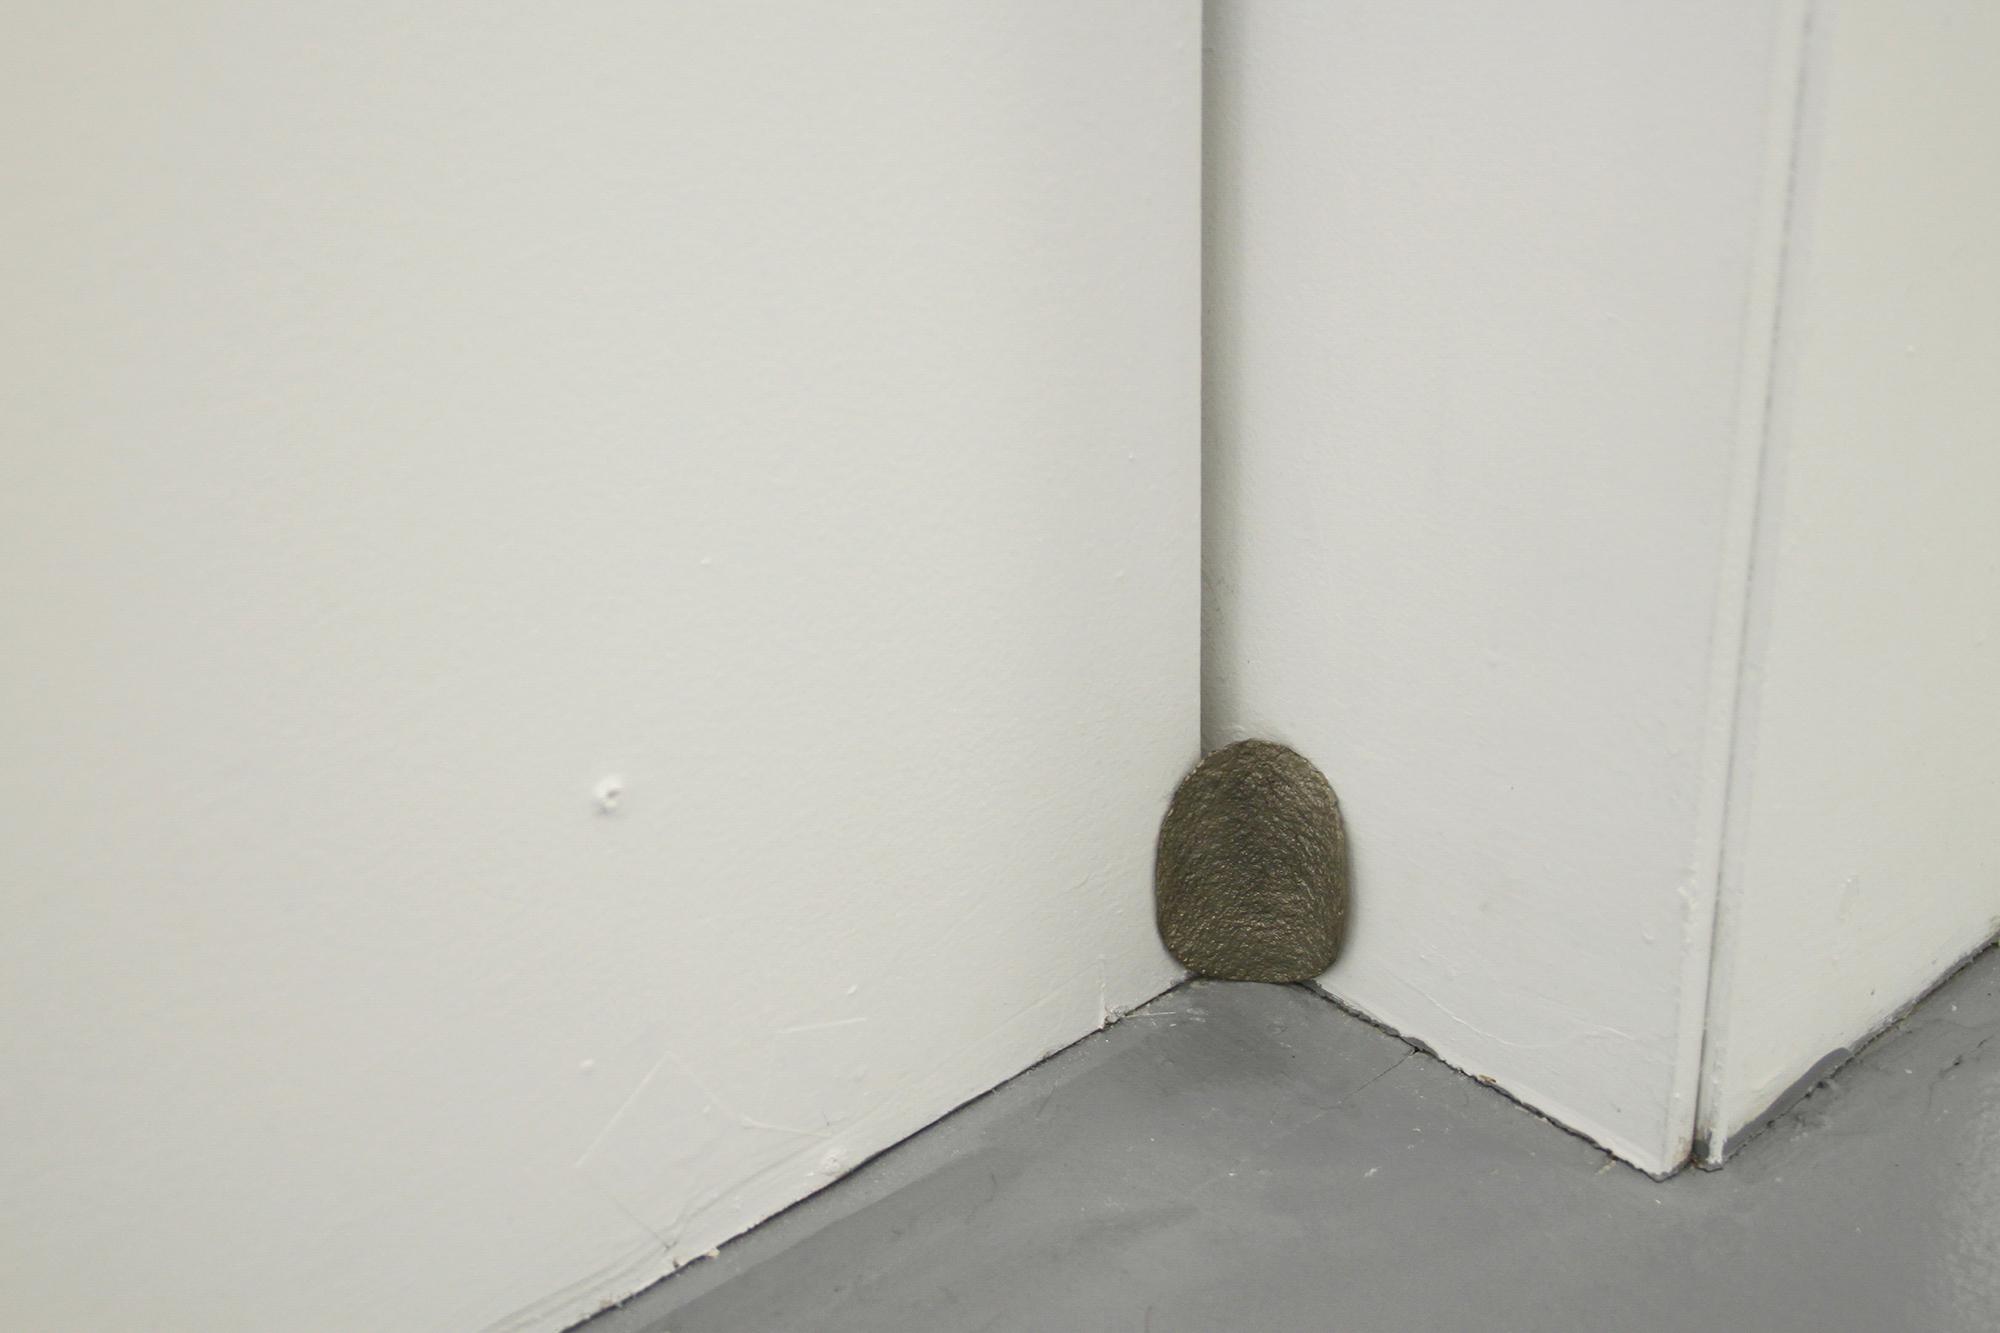 이다슬, Corner piece, 2015, 백색청동, 70mm